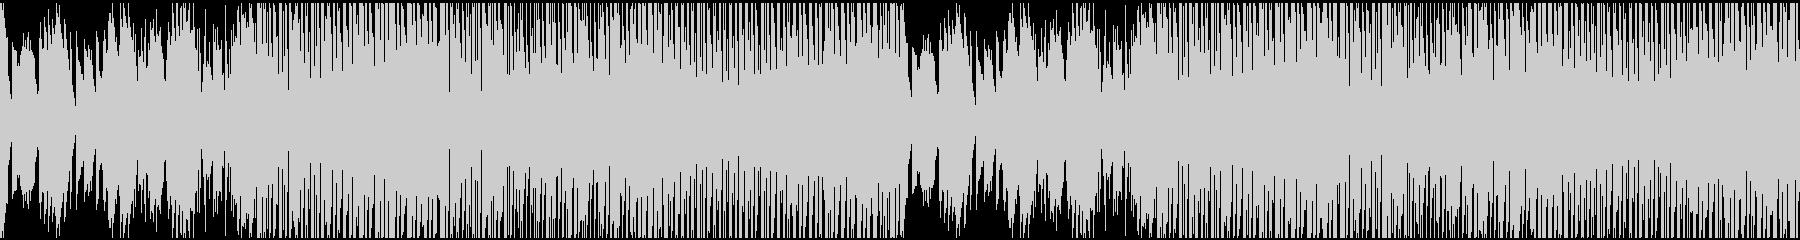 可愛いエレクトリックなループ仕様の曲の未再生の波形